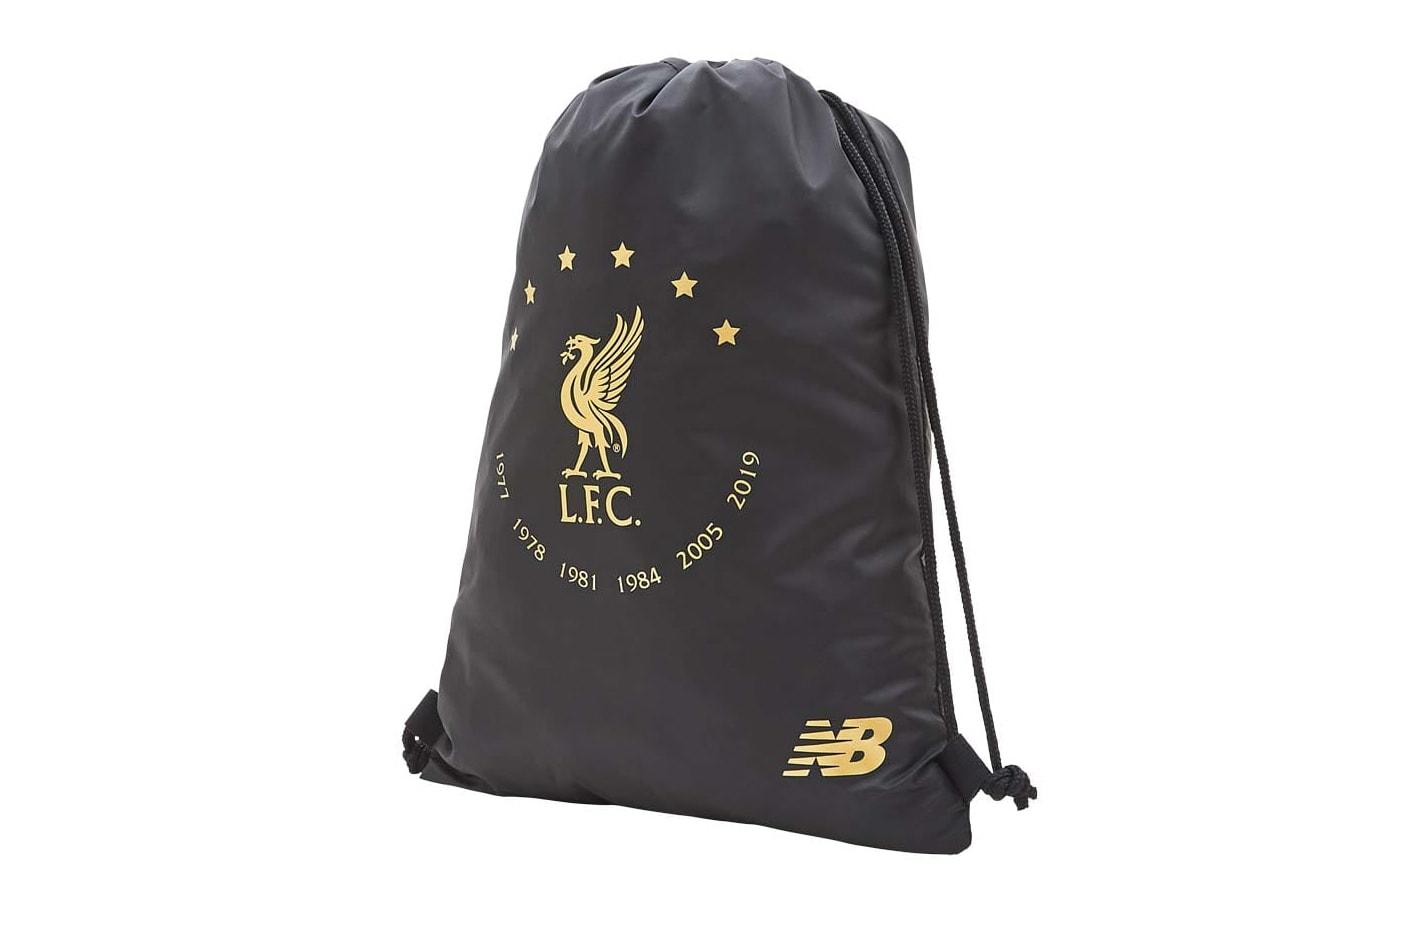 リヴァプール × ニューバランスより6度の欧州制覇を祝した限定コレクションが登場 Liverpool's